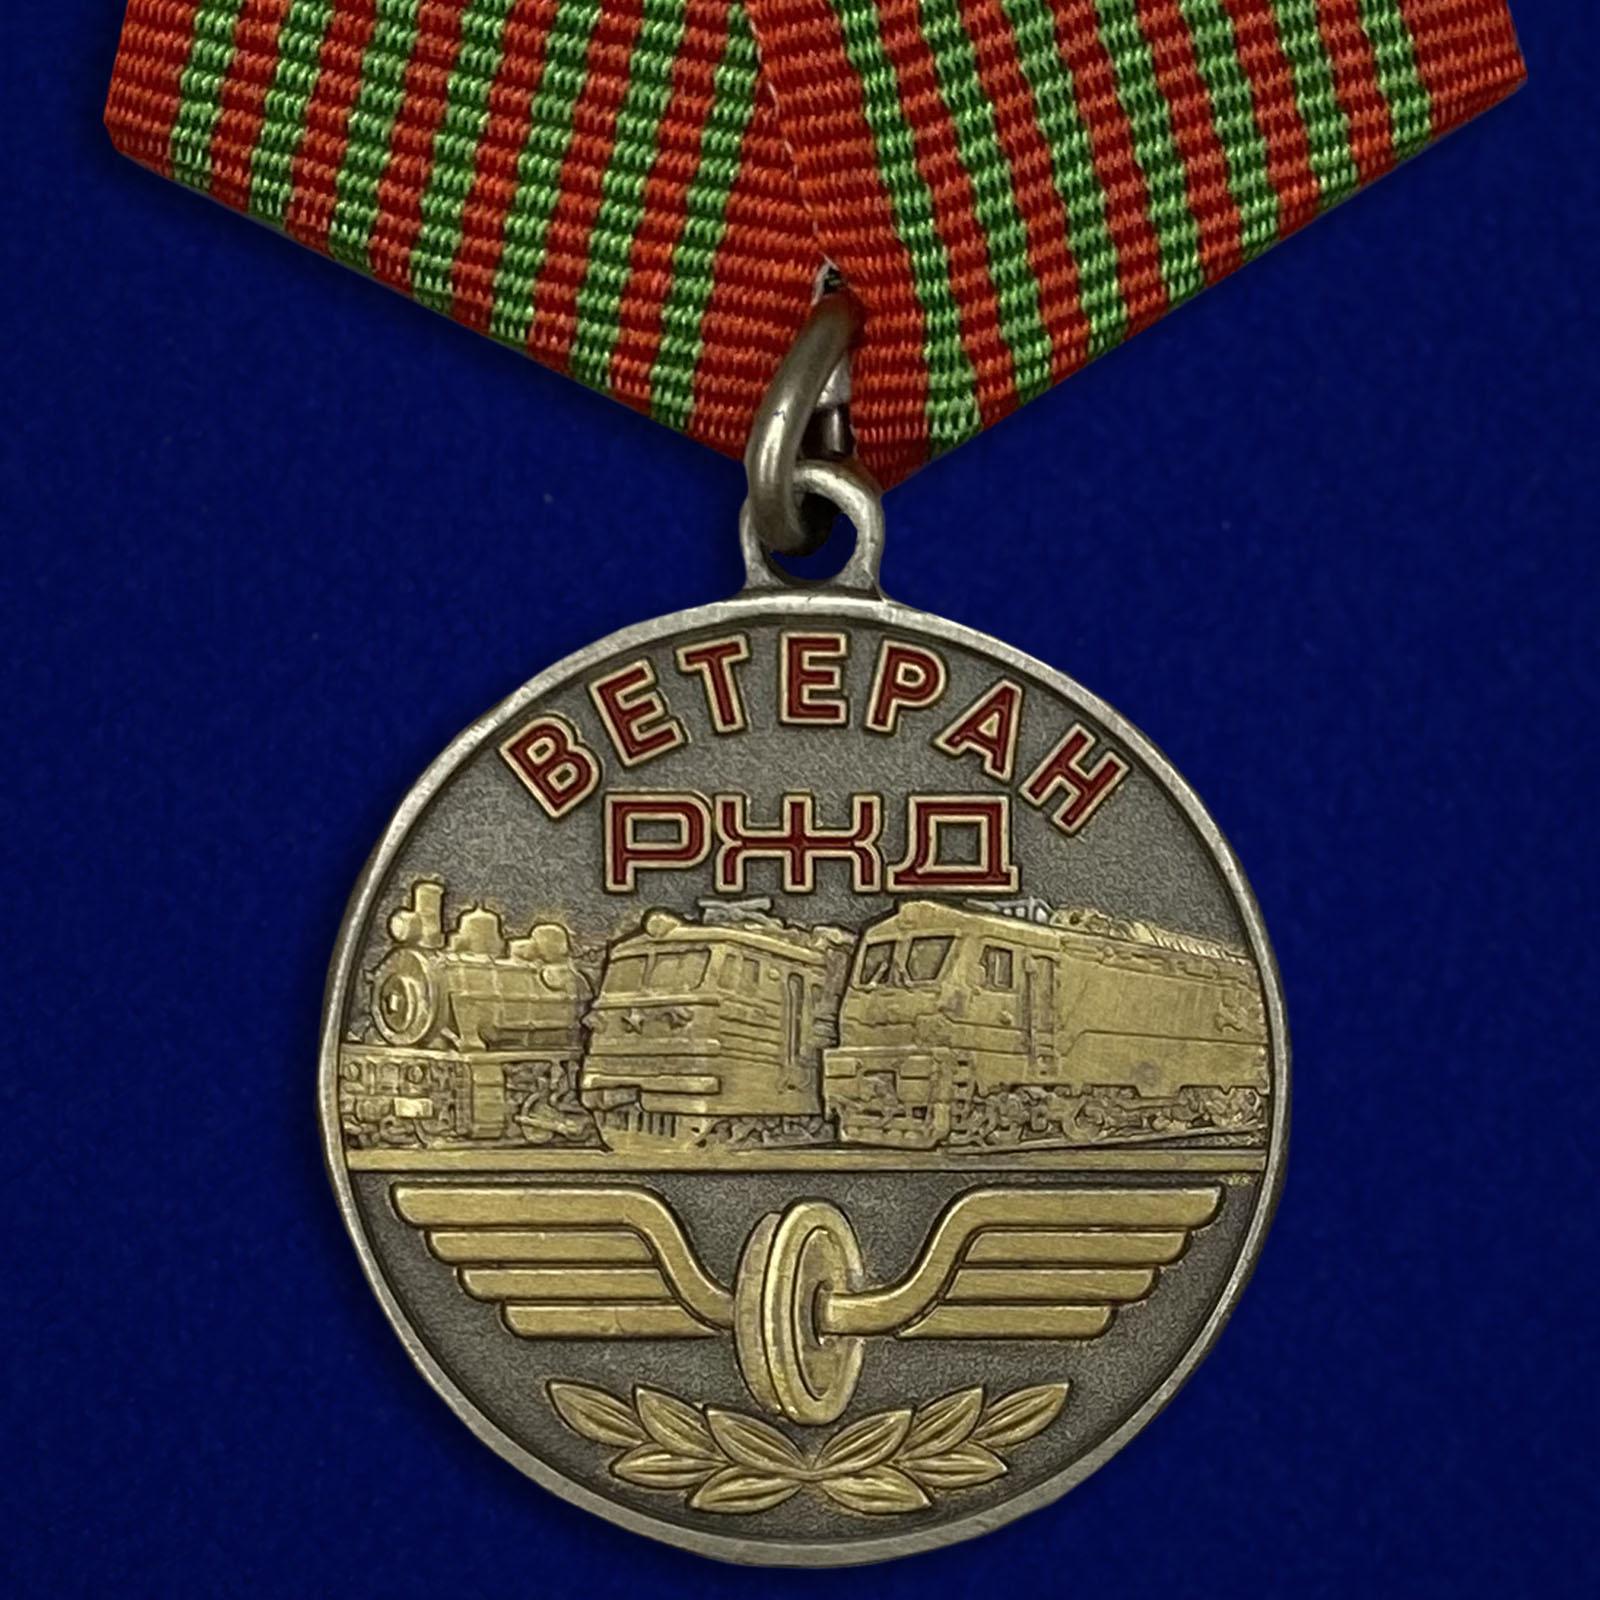 Купить медаль Ветеран РЖД на подставке с доставкой ваш город